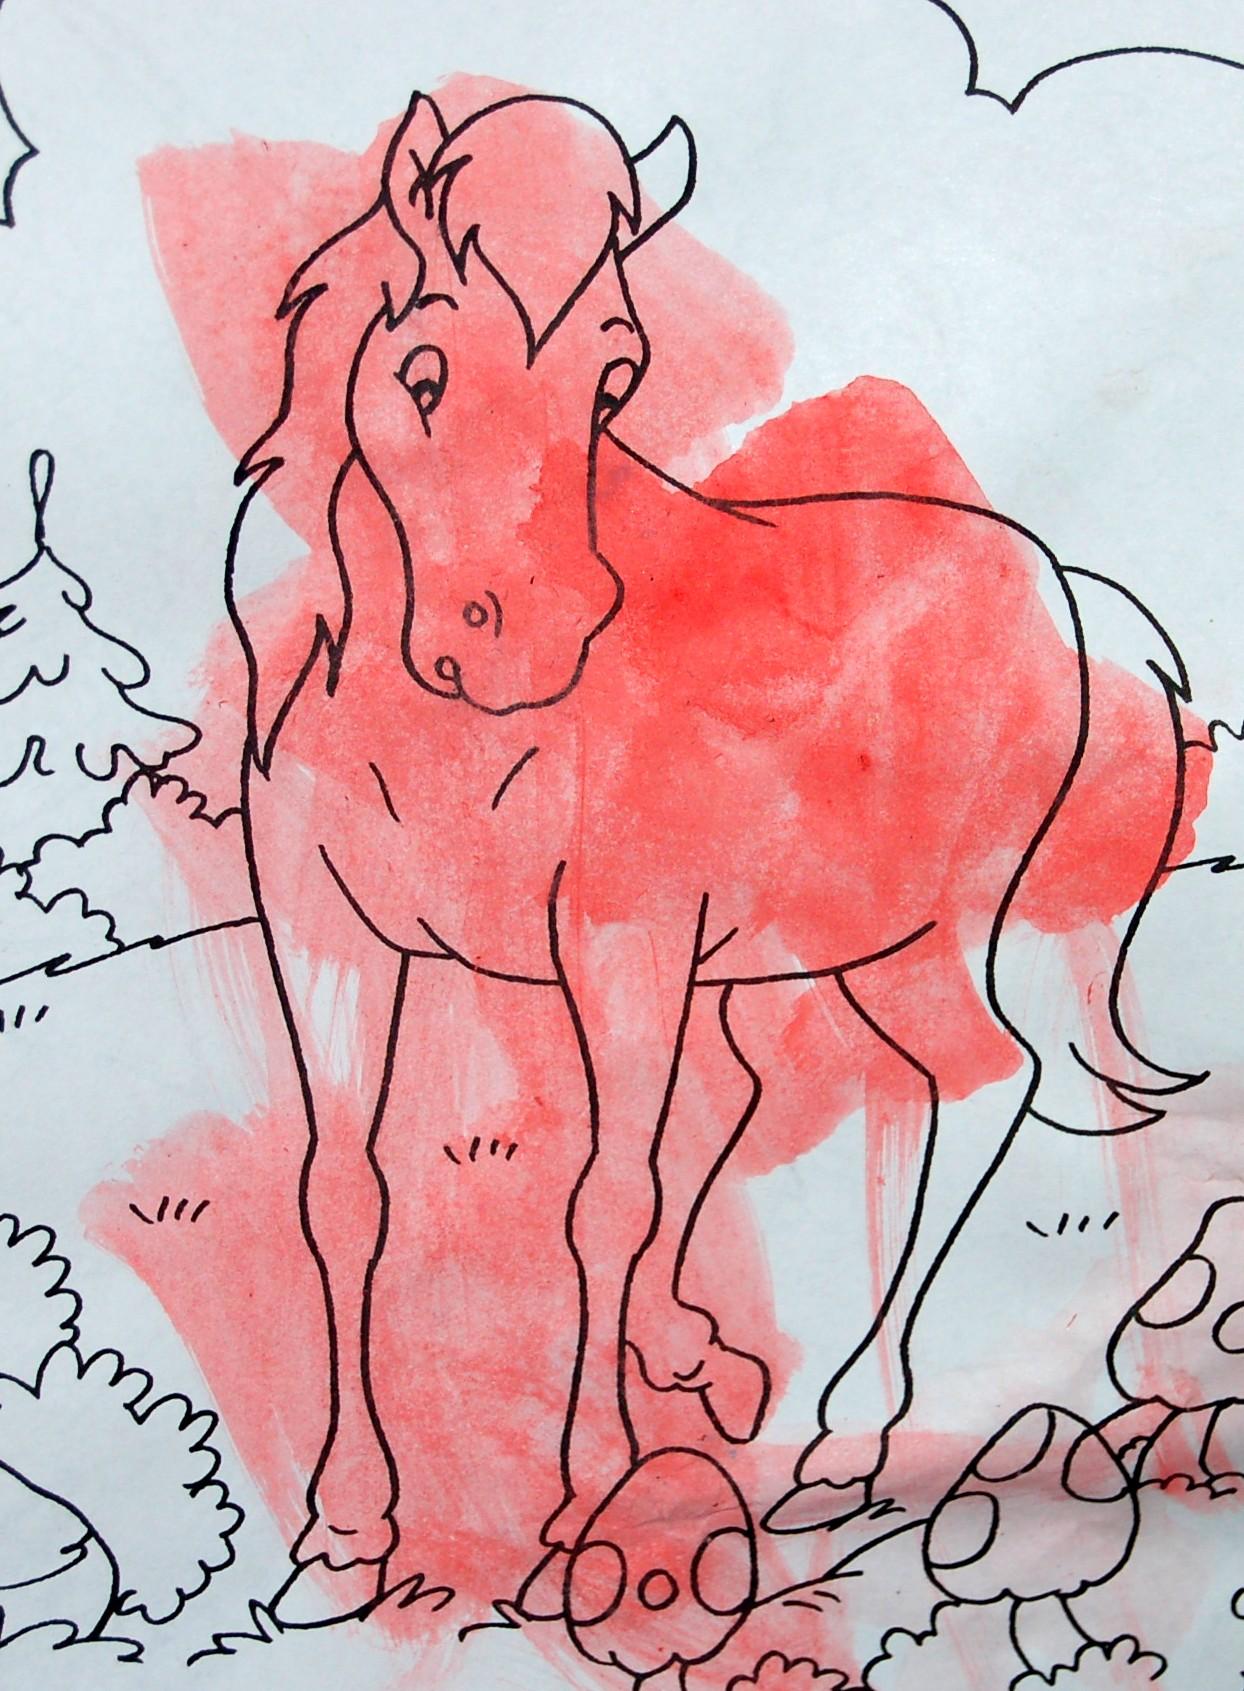 Furia il cavallo del west lavoretti e disegni sui cavalli for Immagini di cavalli da disegnare